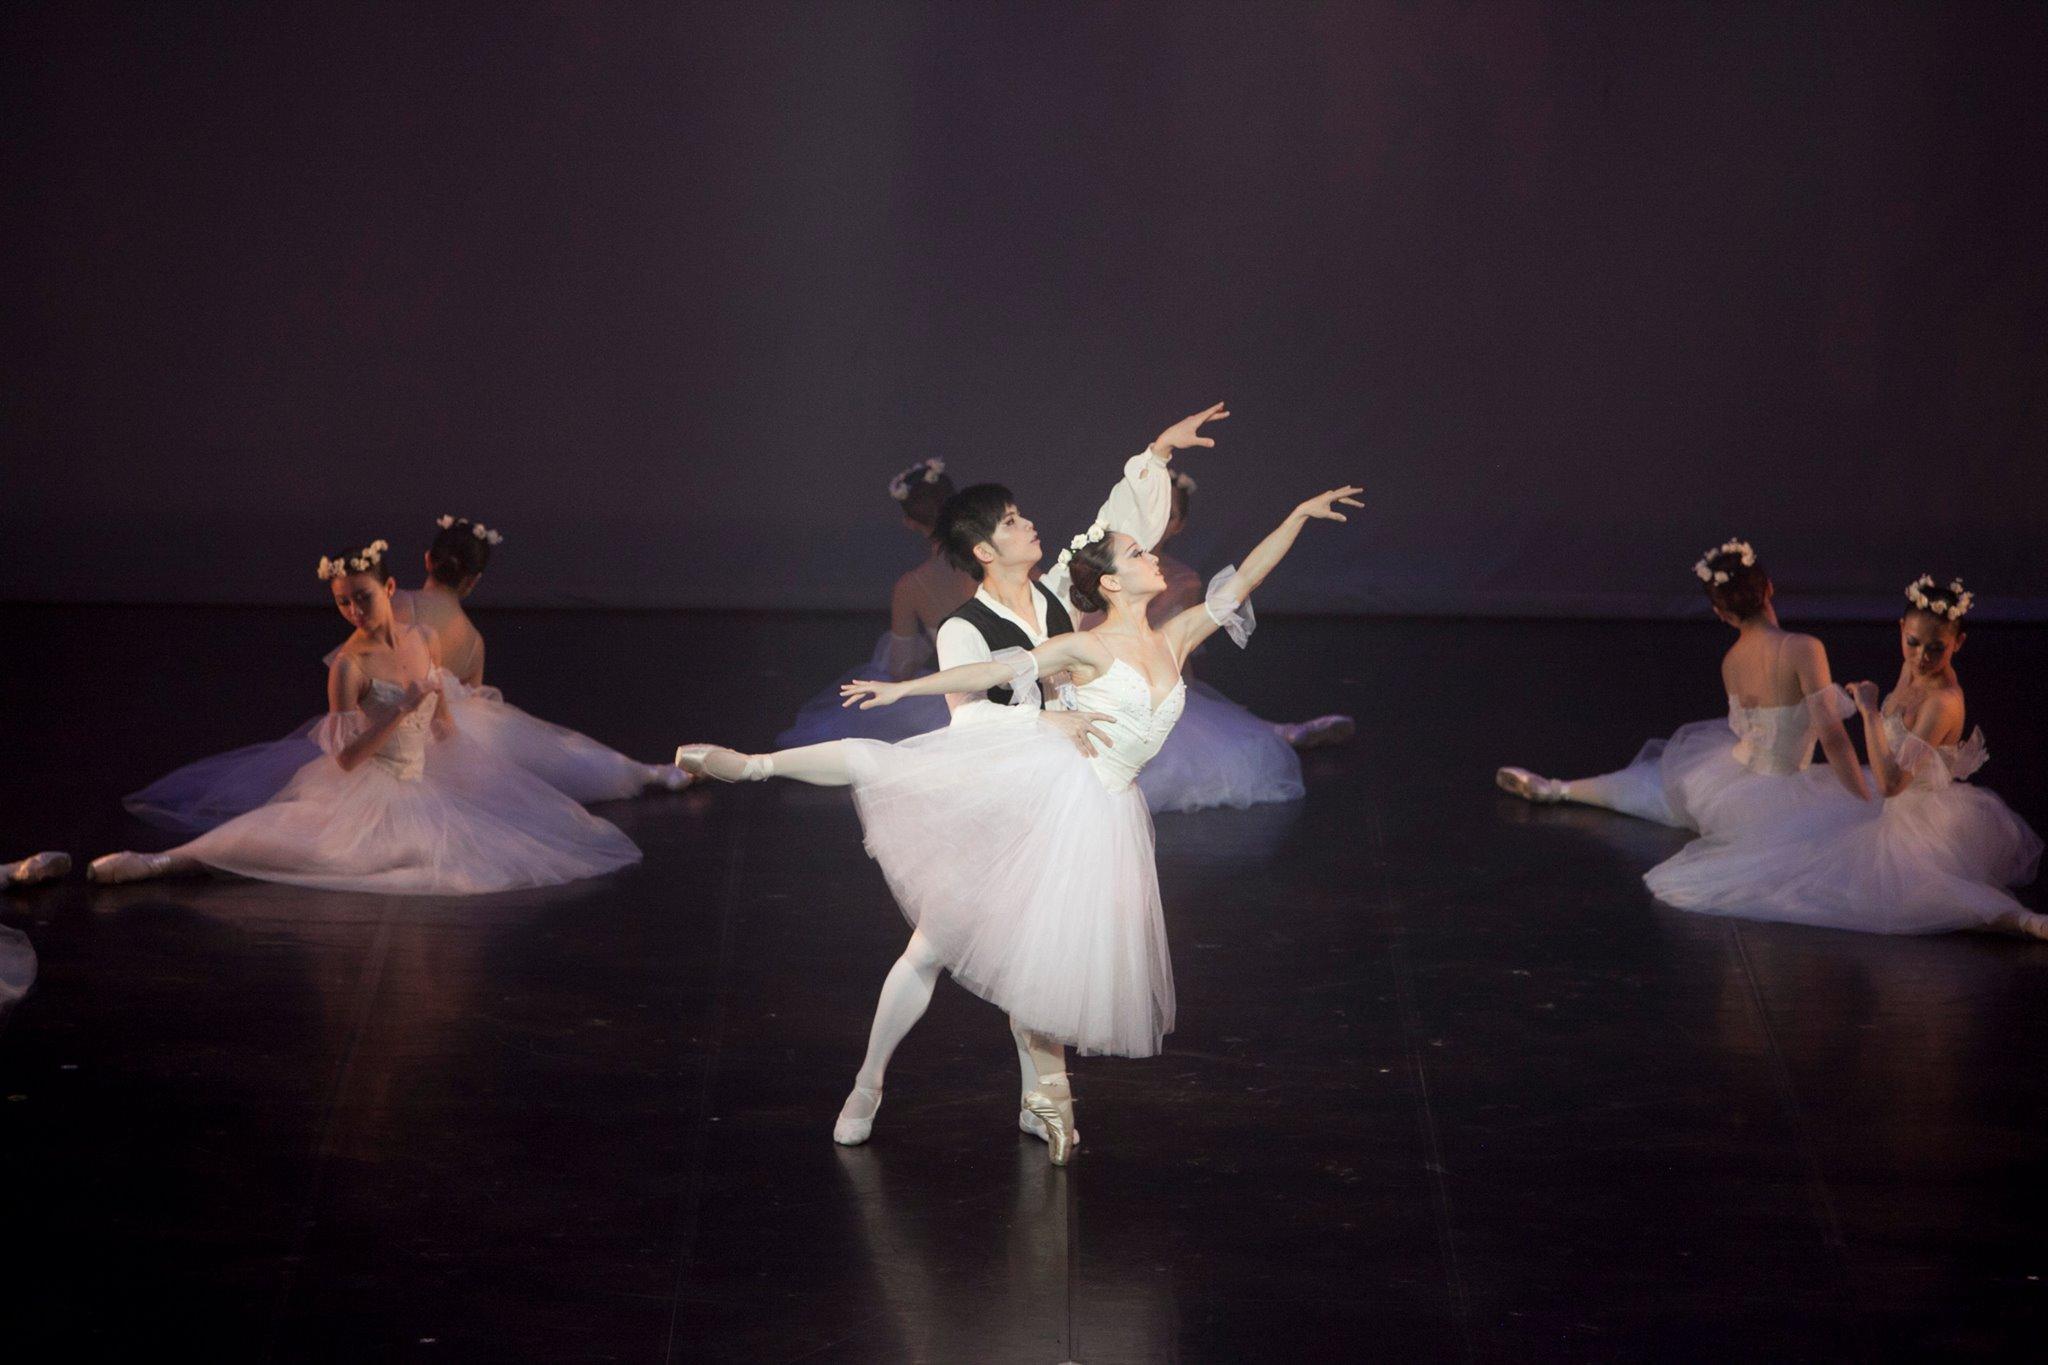 國立臺灣藝術大學舞蹈系-蕭邦組曲